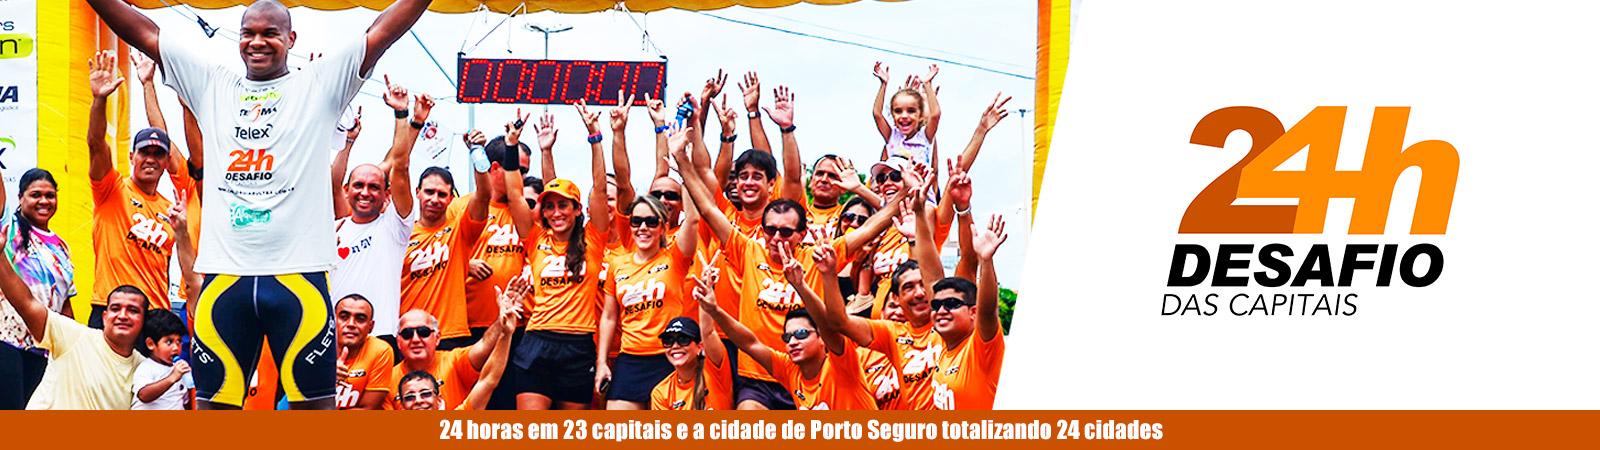 DESAFIO 24 HORAS DAS CAPITAIS - ETAPA FORTALEZA/CE - Imagem de topo